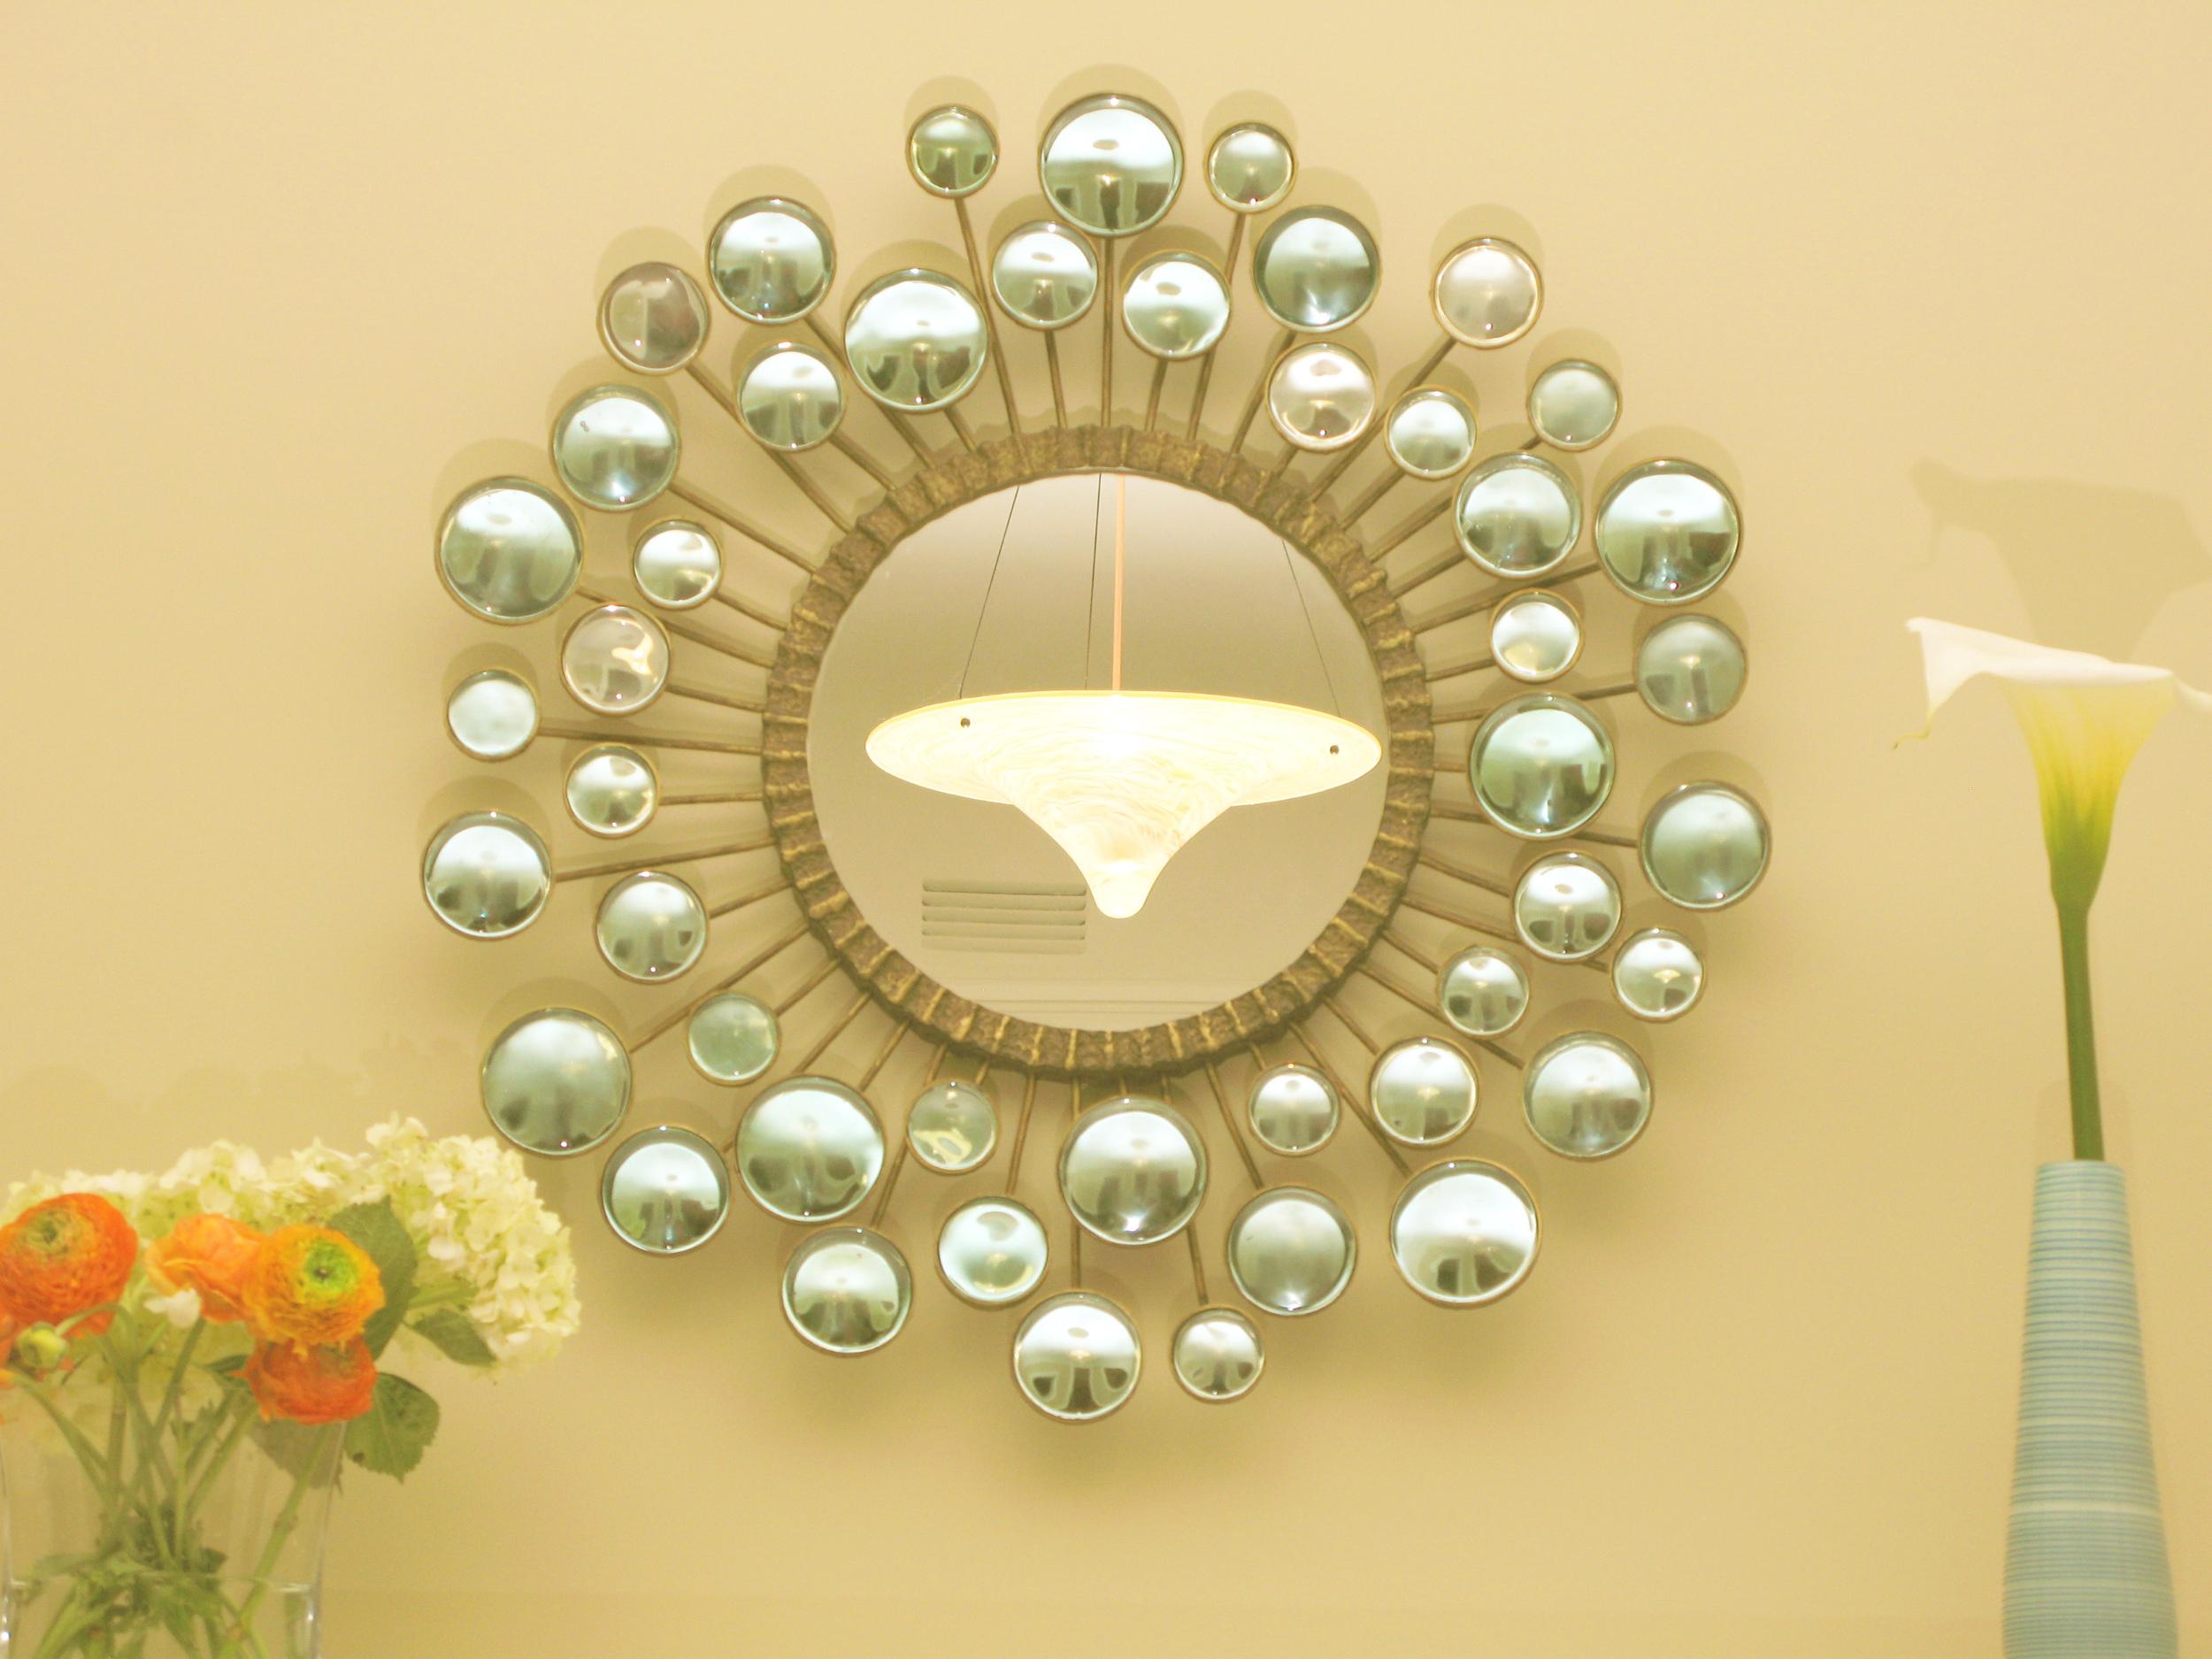 Updated Victorian: Decorative mirror